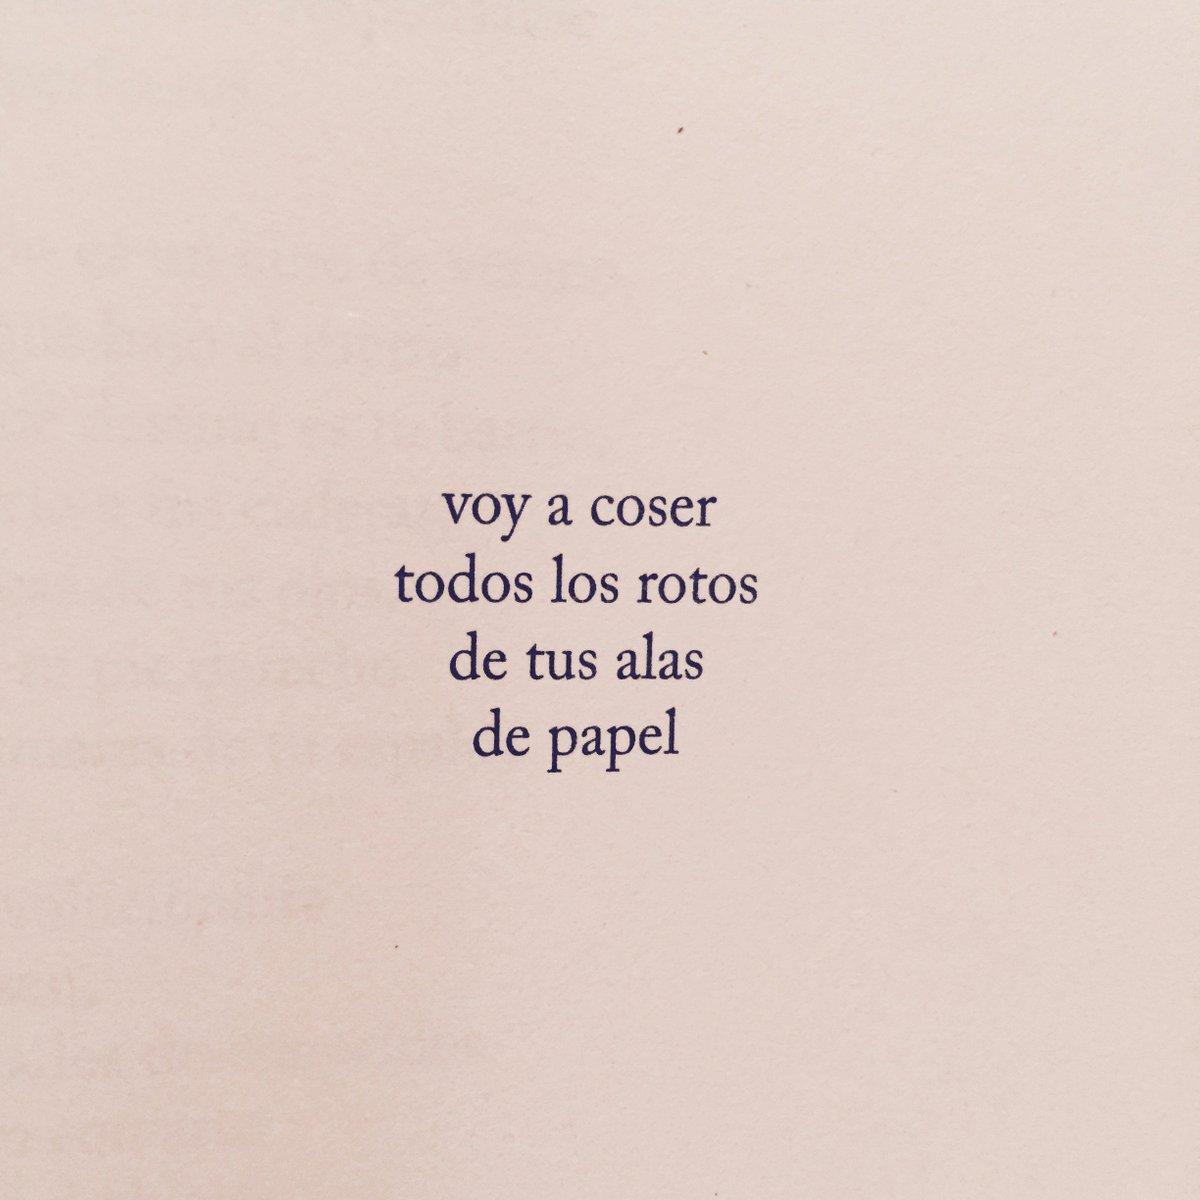 '... voy a coser todos los rotos de tus alas de papel' :)  #Poesía @diegoojeda85 https://t.co/9sCuPyetIW